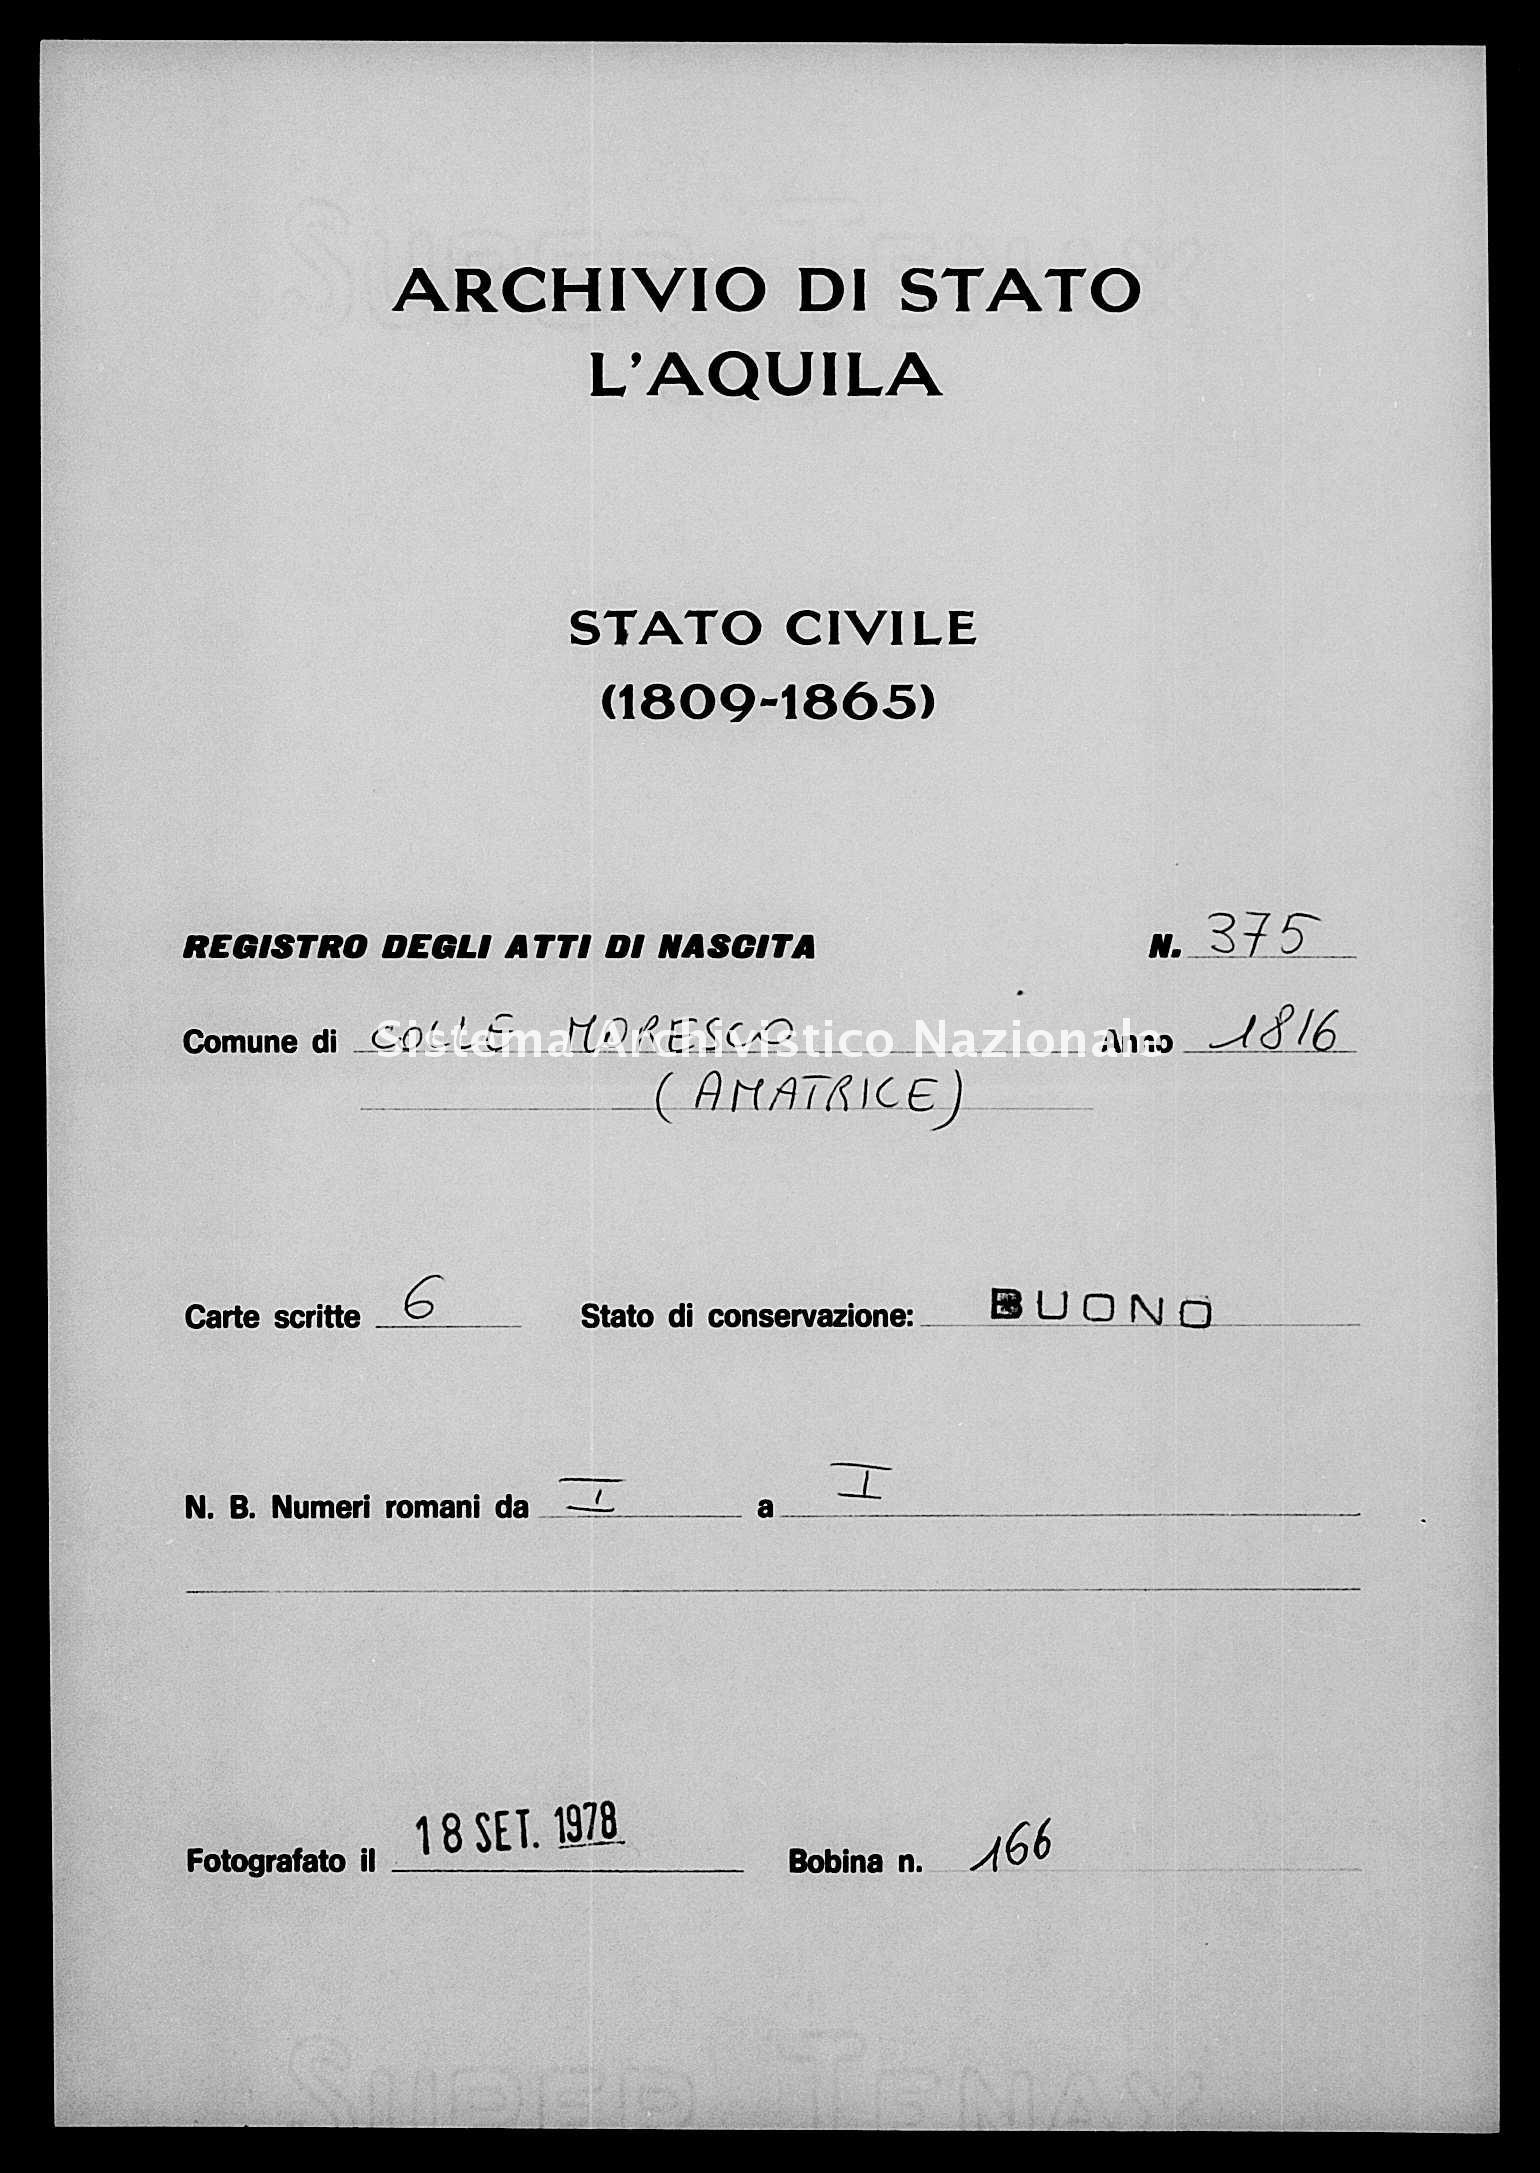 Archivio di stato di L'aquila - Stato civile della restaurazione - Collemoresco - Nati - 1816 - 375 -